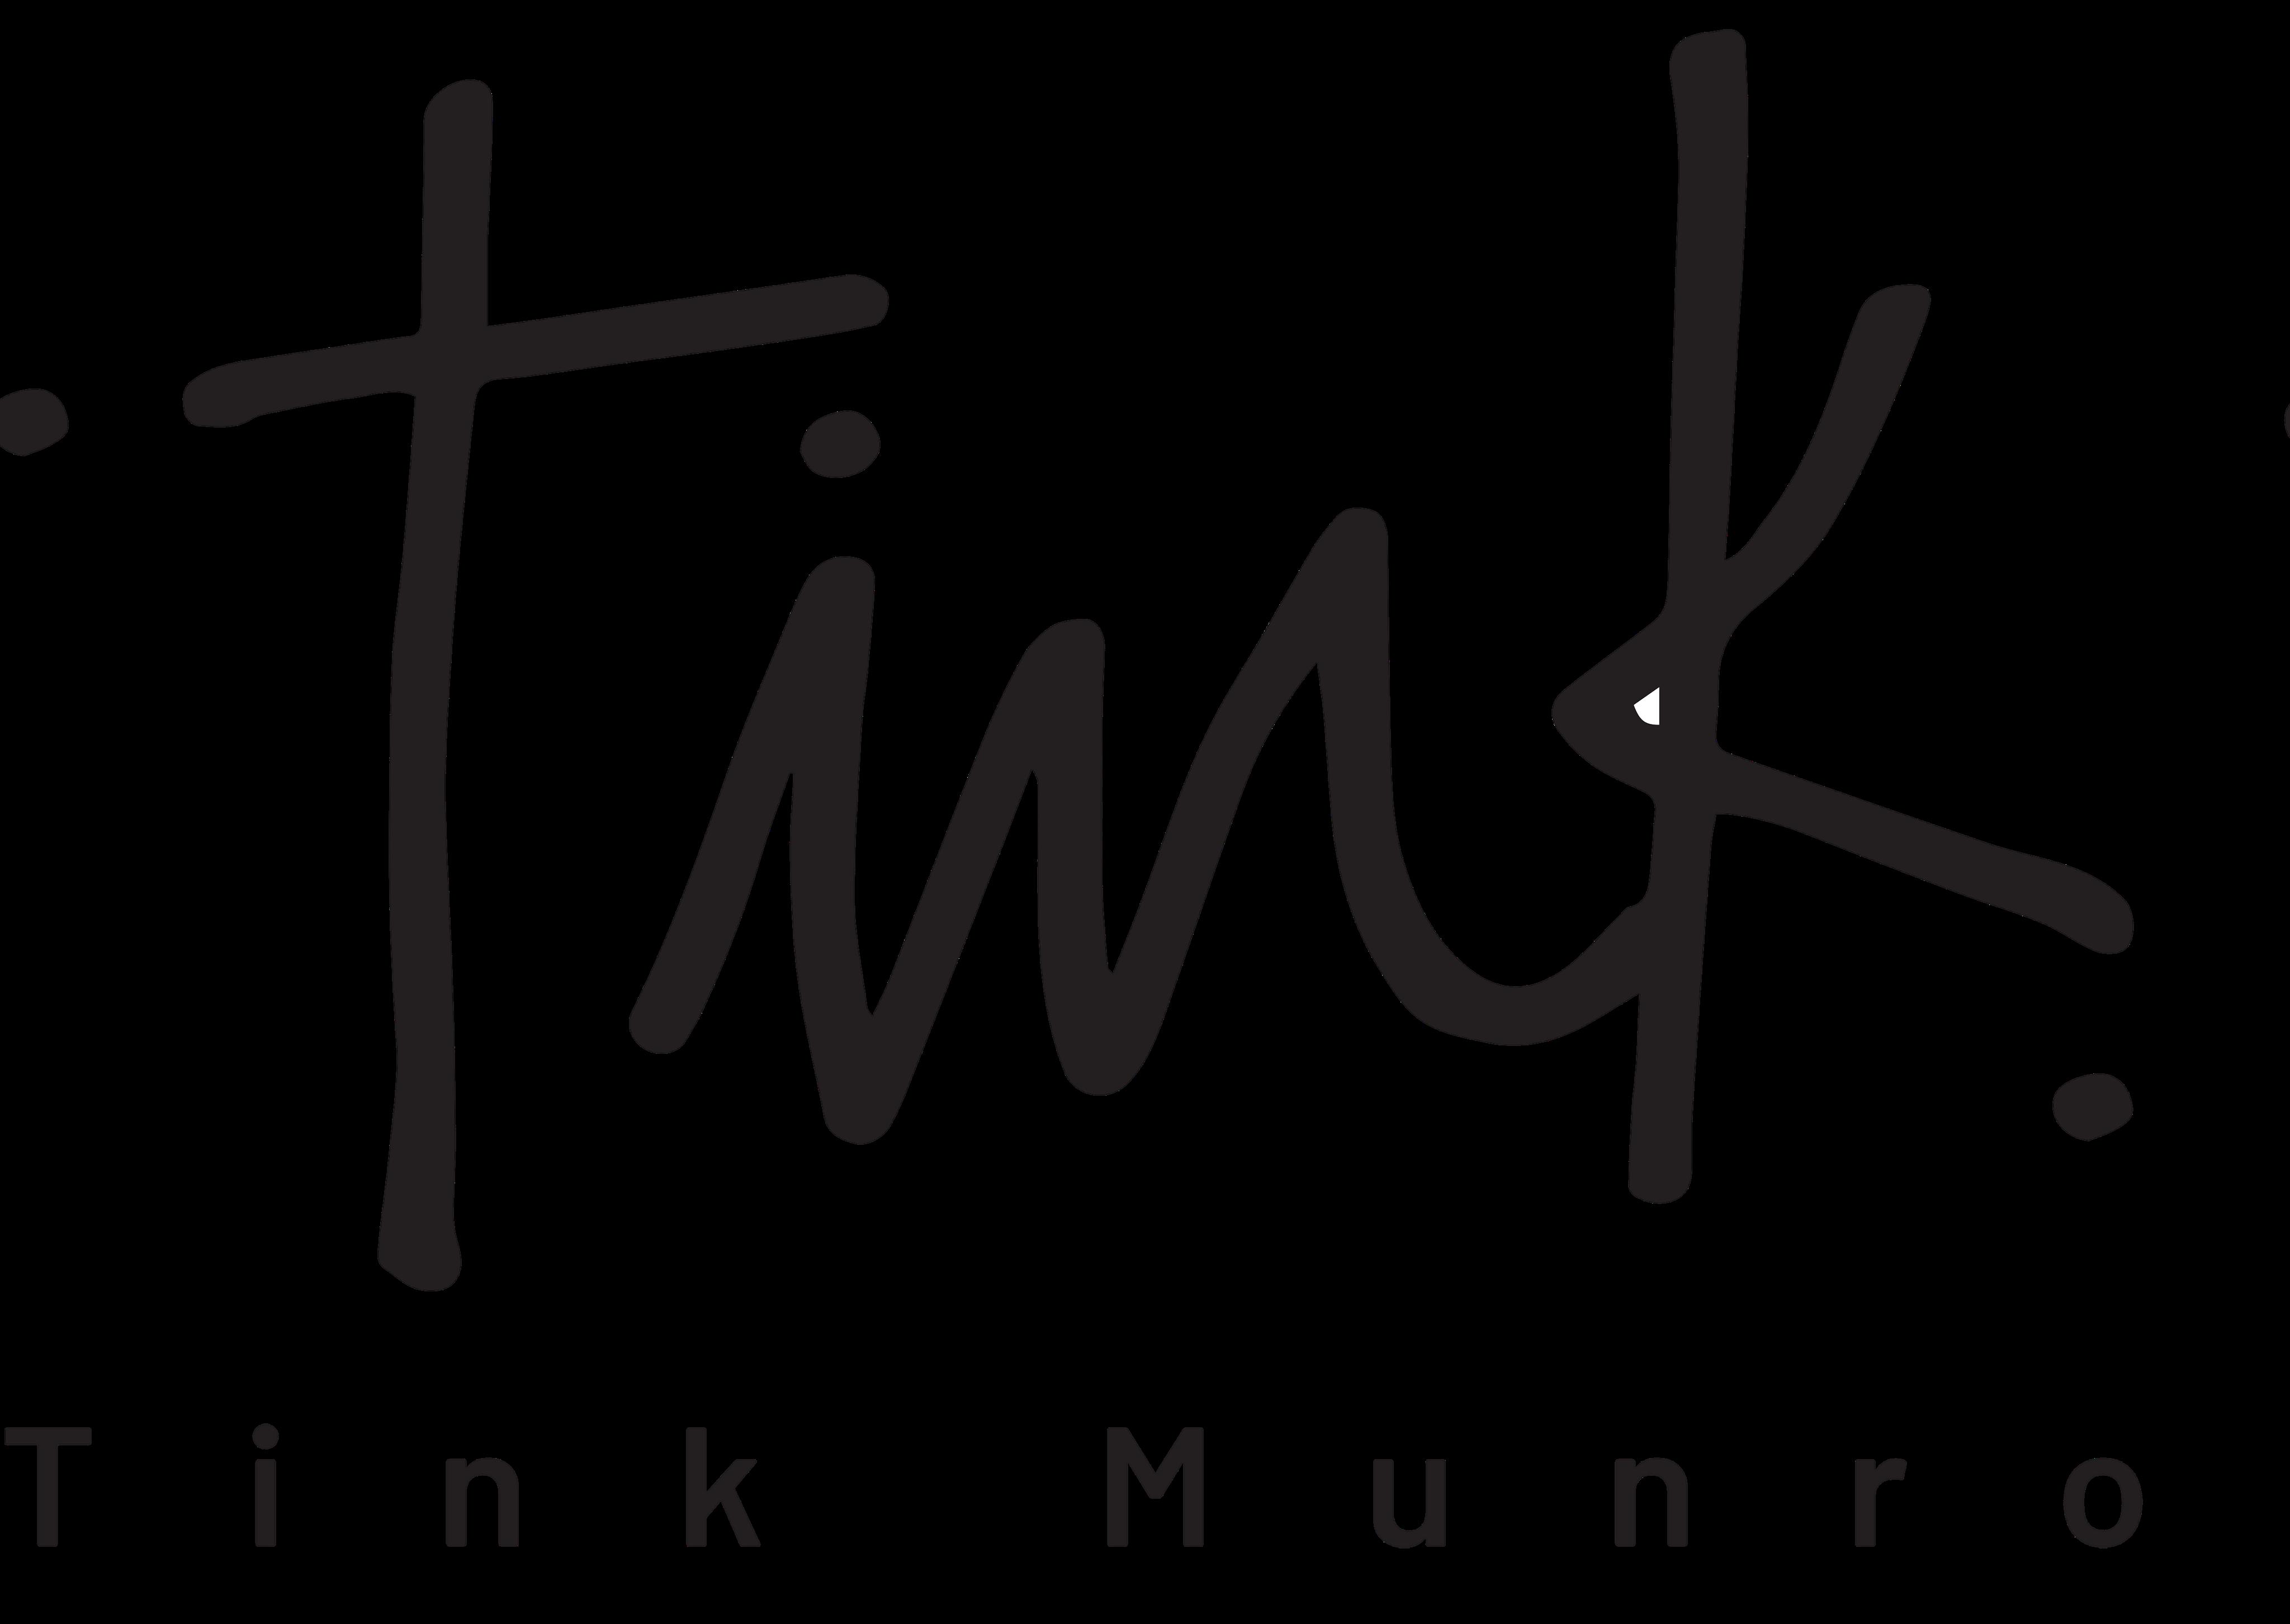 Tink Munro